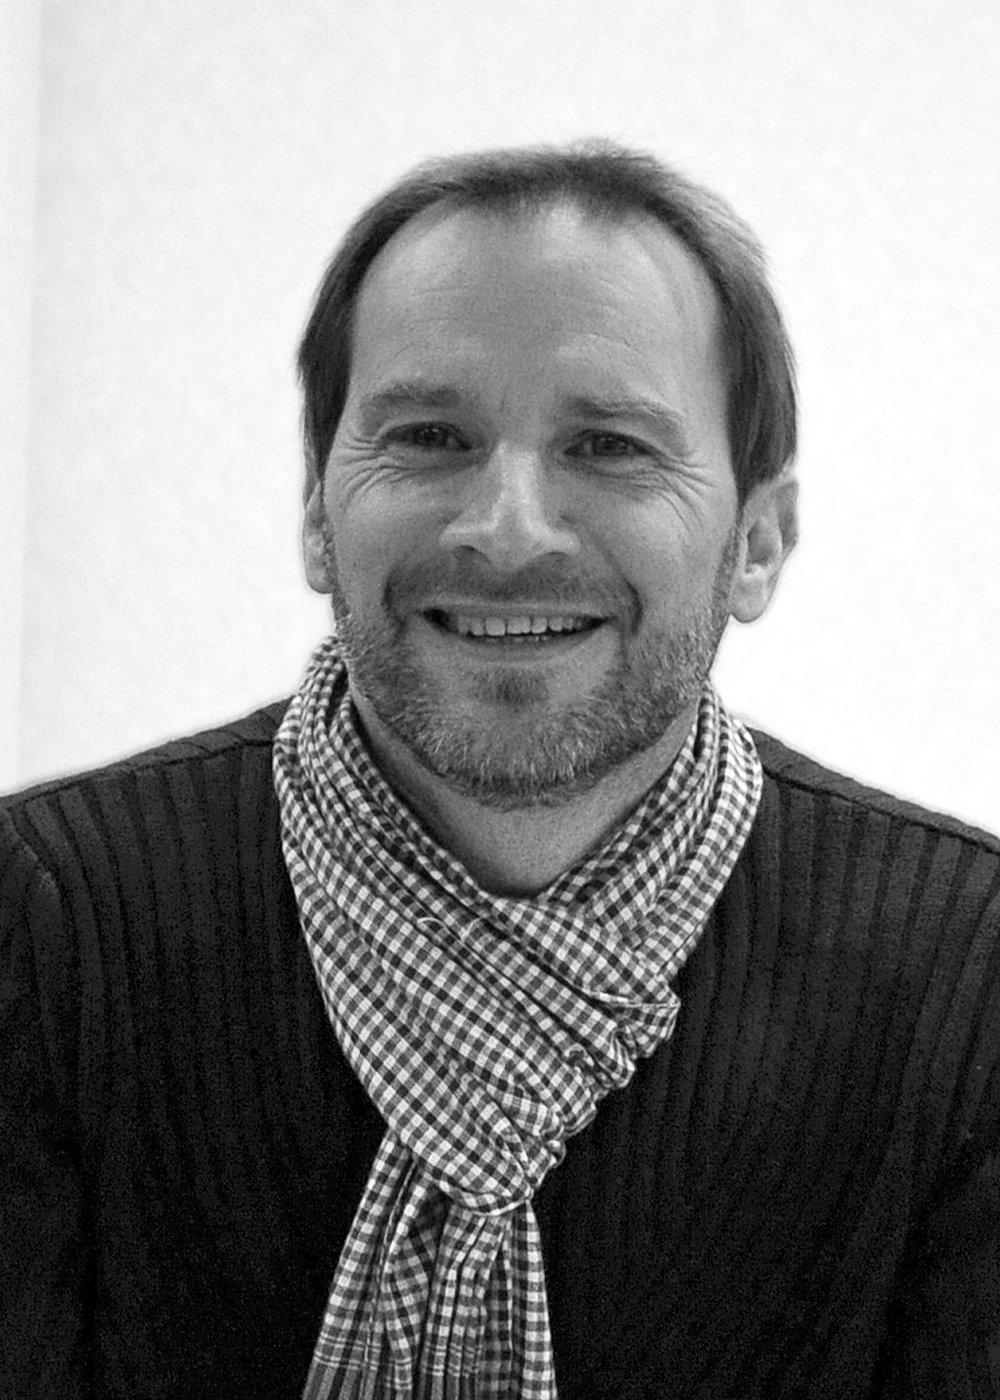 Pascal Colné - directeur technique -suivi opérationnelArchitecte diplômé de l'école Boulle et de l'école de paysage Dubreuil, il a été auditeur libre à l'EHESS avant de se former à la programmation, à l'OPC et à l'écologie de la construction.Spécialiste des questions environnementales et patrimoniales, il exerce en tant que gérant associé d'une SCOP, puis comme associé d'une SARL avant de rejoindre la SCOP « Univers & Conseils » à sa création, pour enfin co-fonder AgilCare (2017).